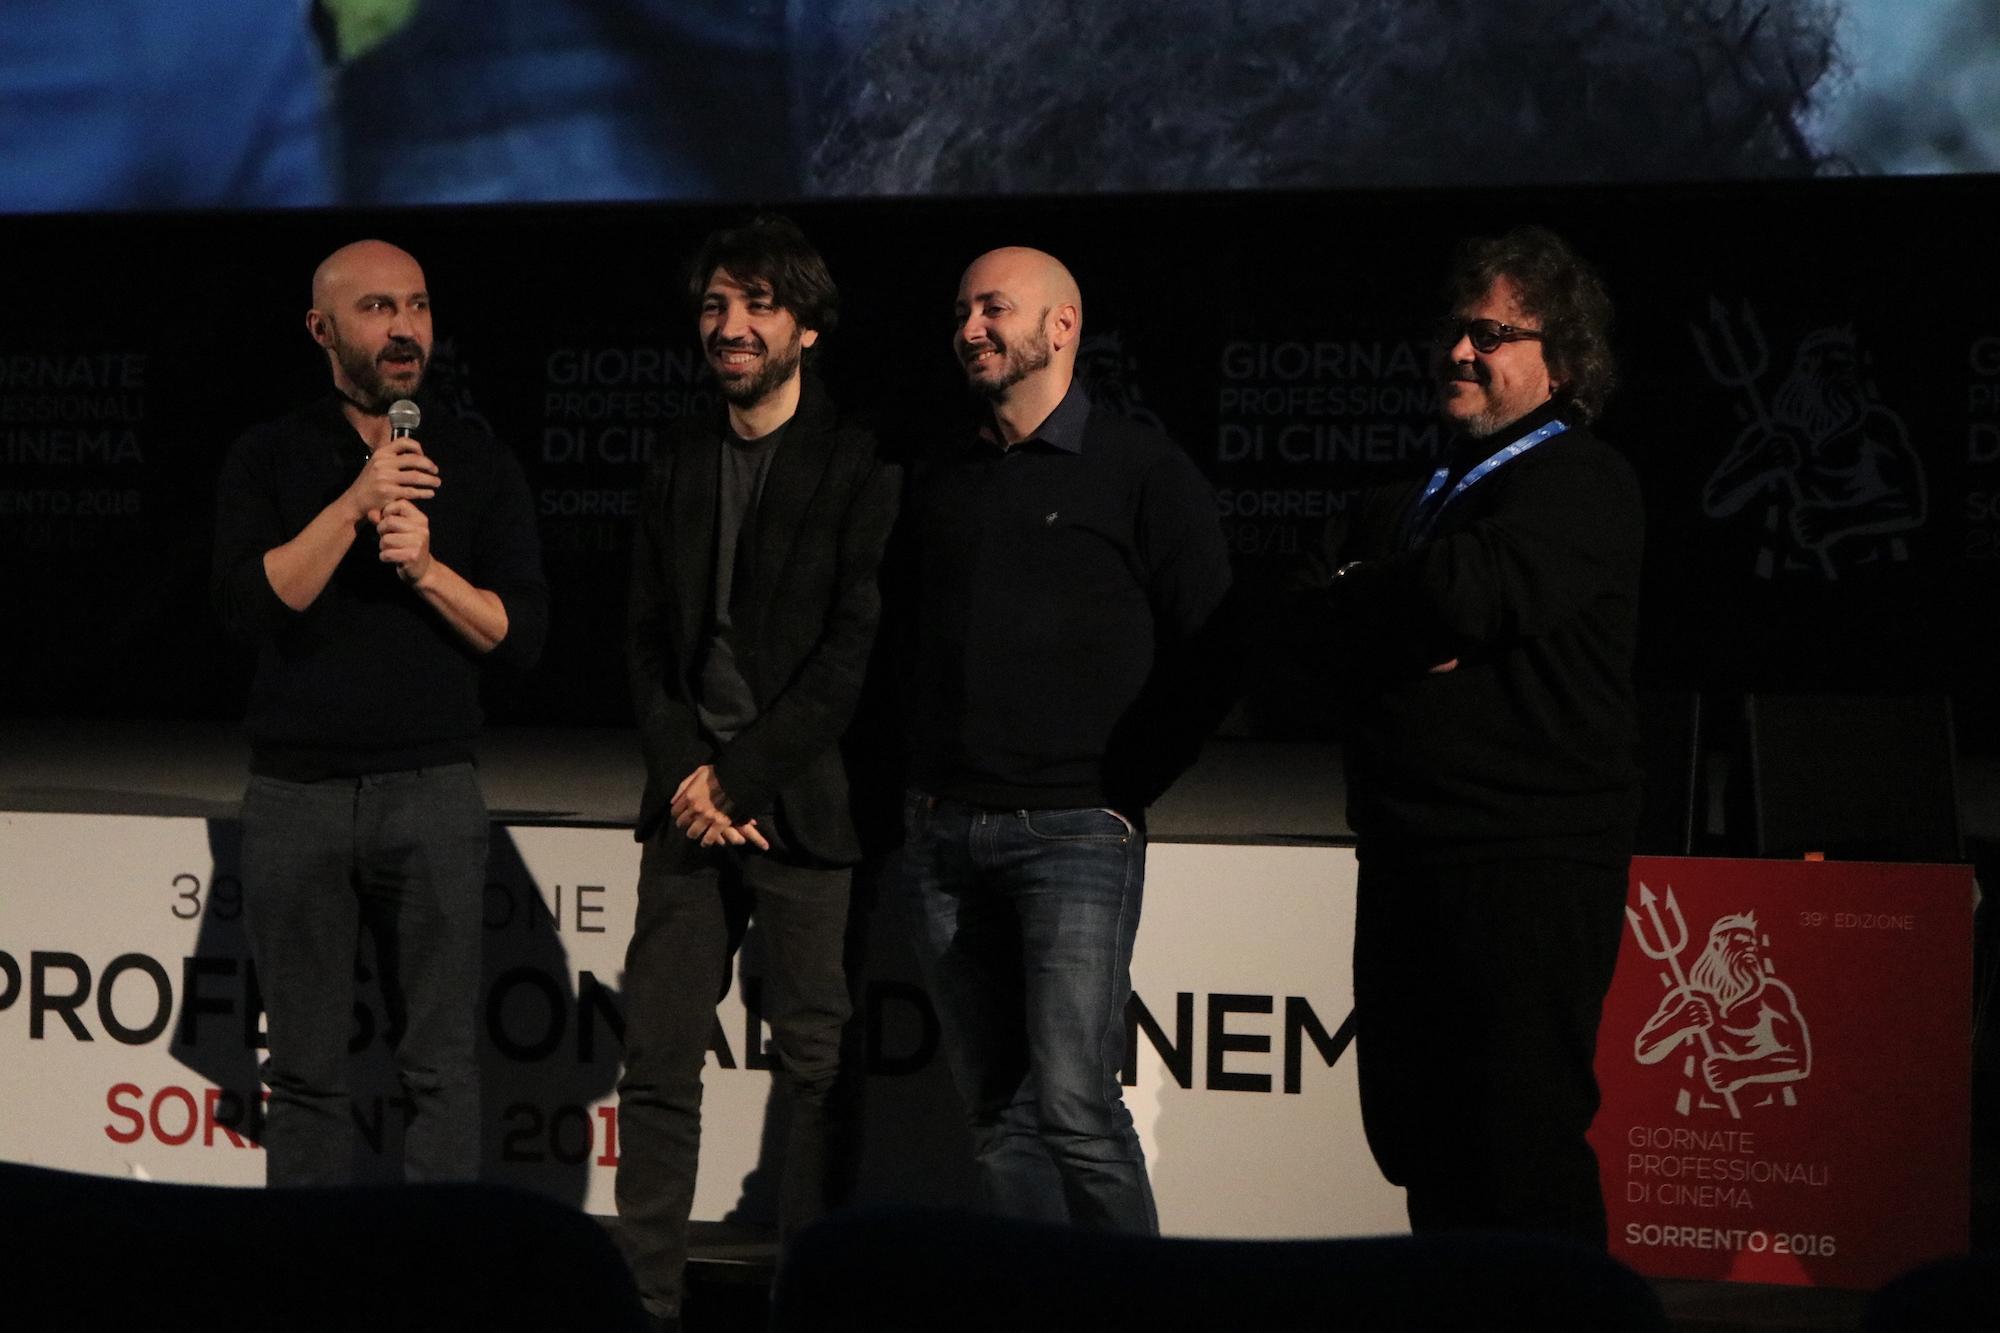 Omicidio all'italiana: Maccio Capatonda, Herbert Ballerina a Sorrento